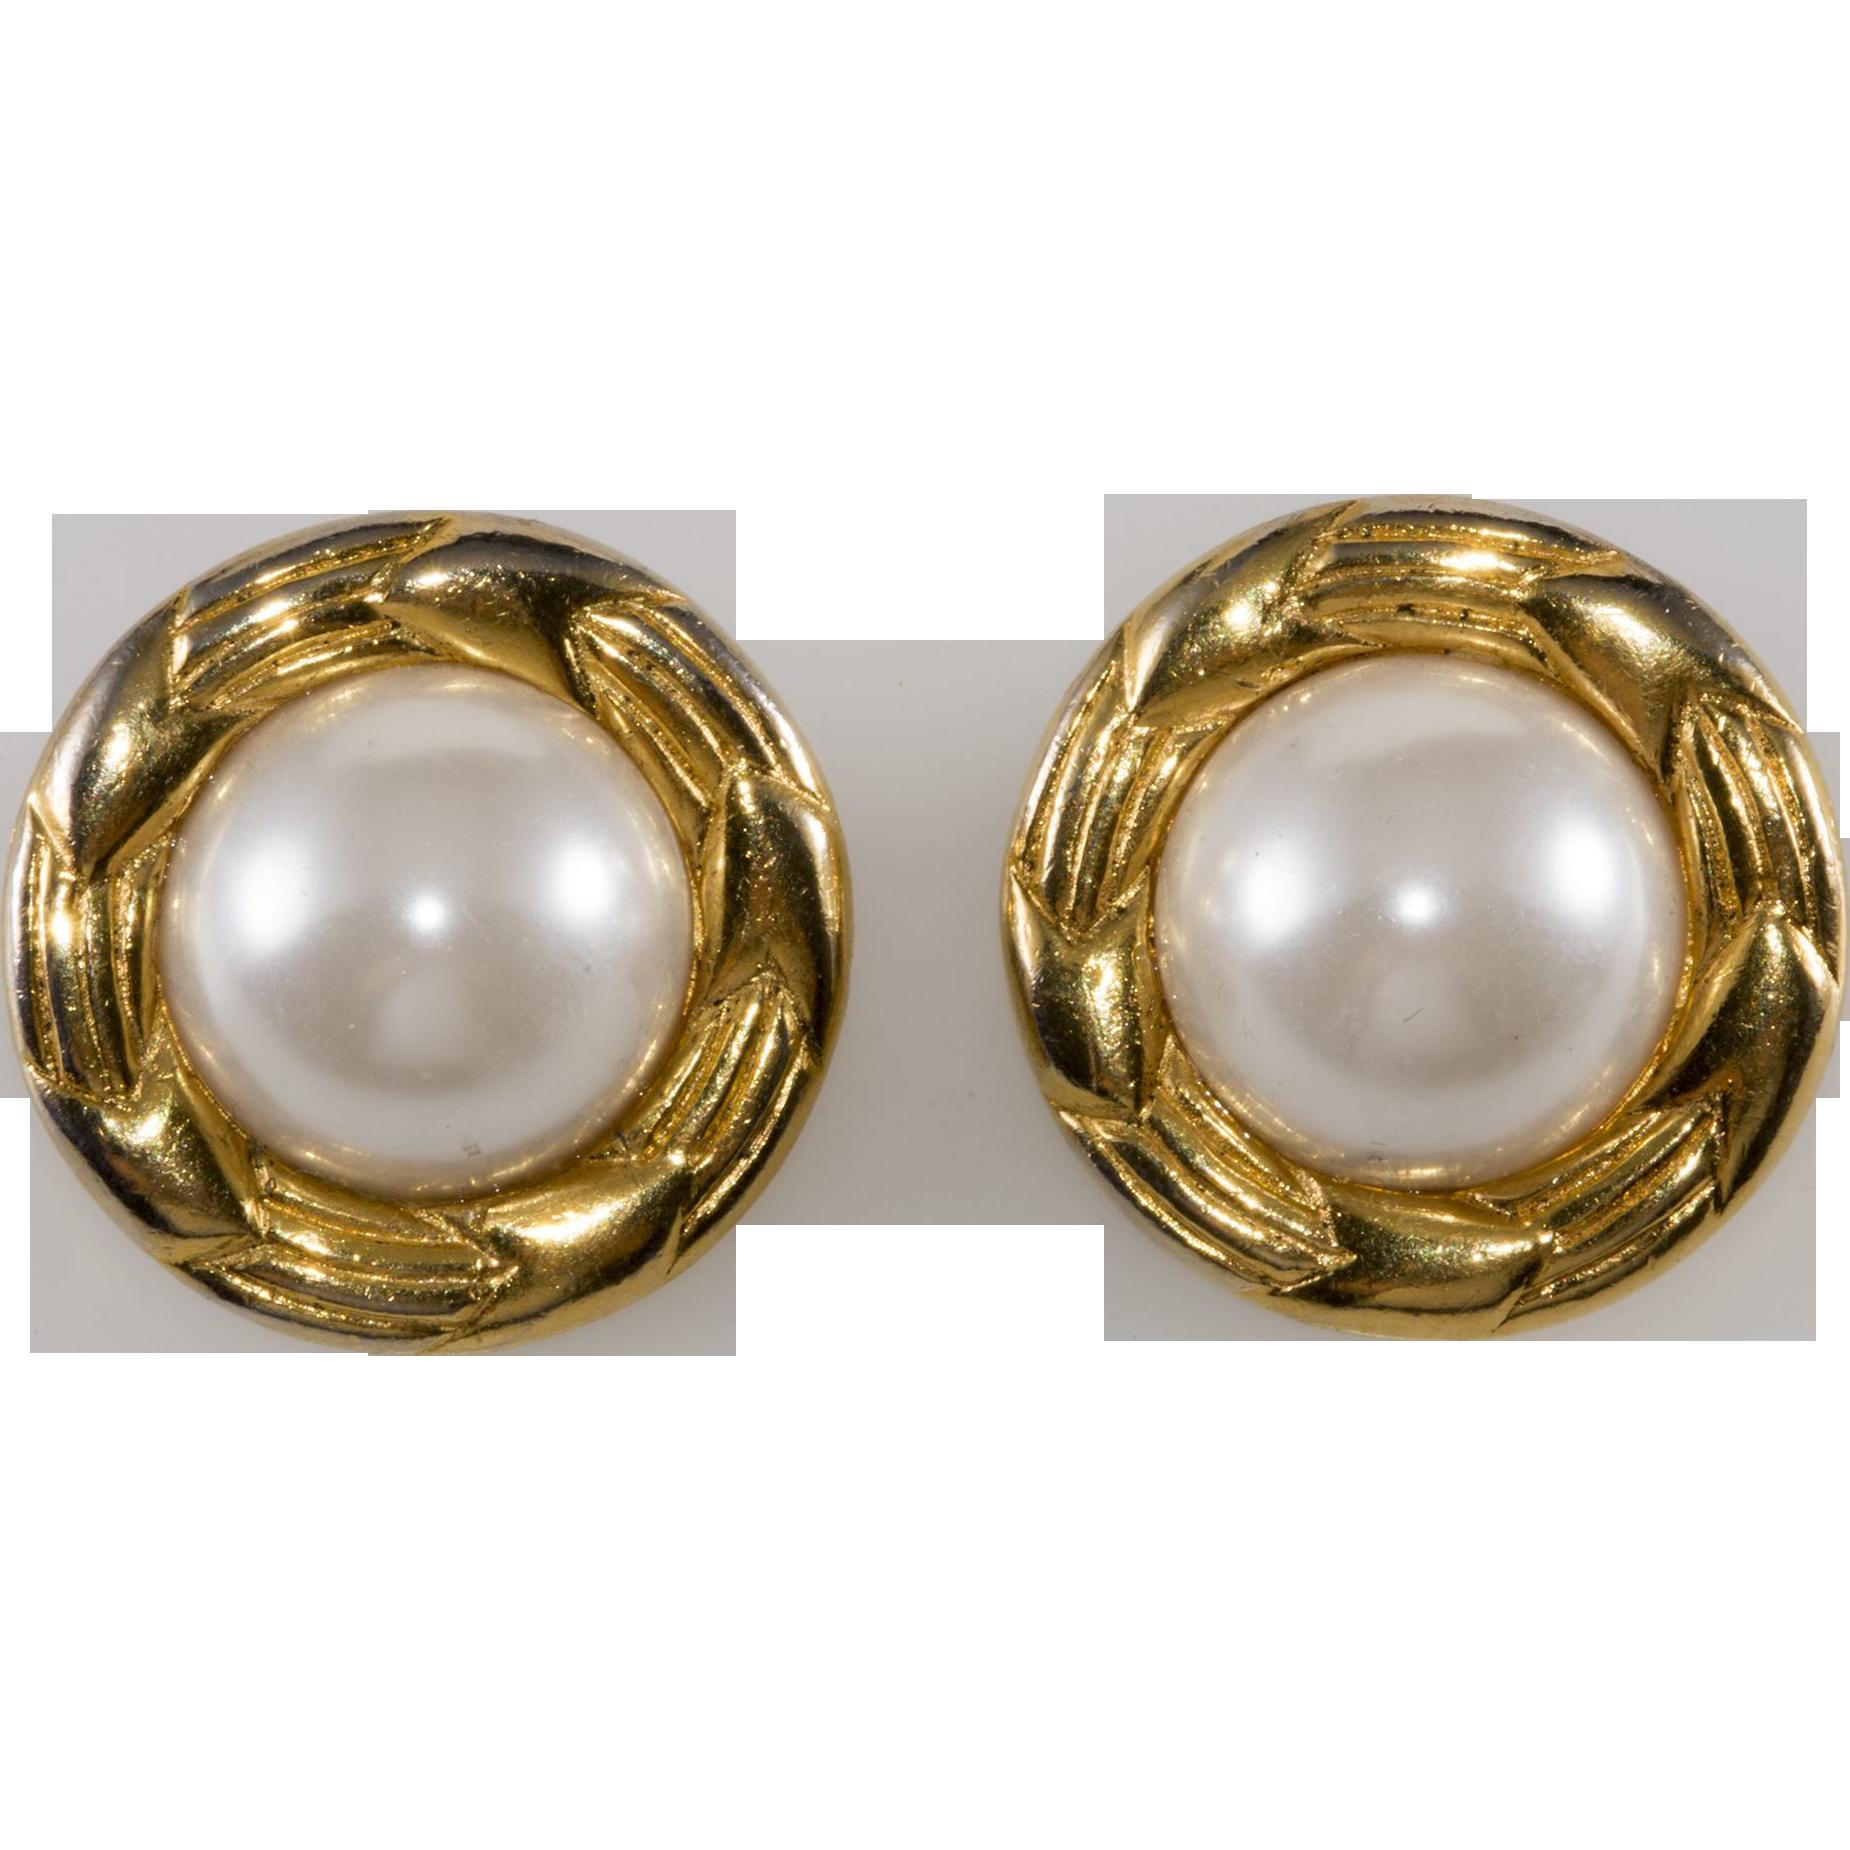 Chanel Fauxpearl 1970s Earrings